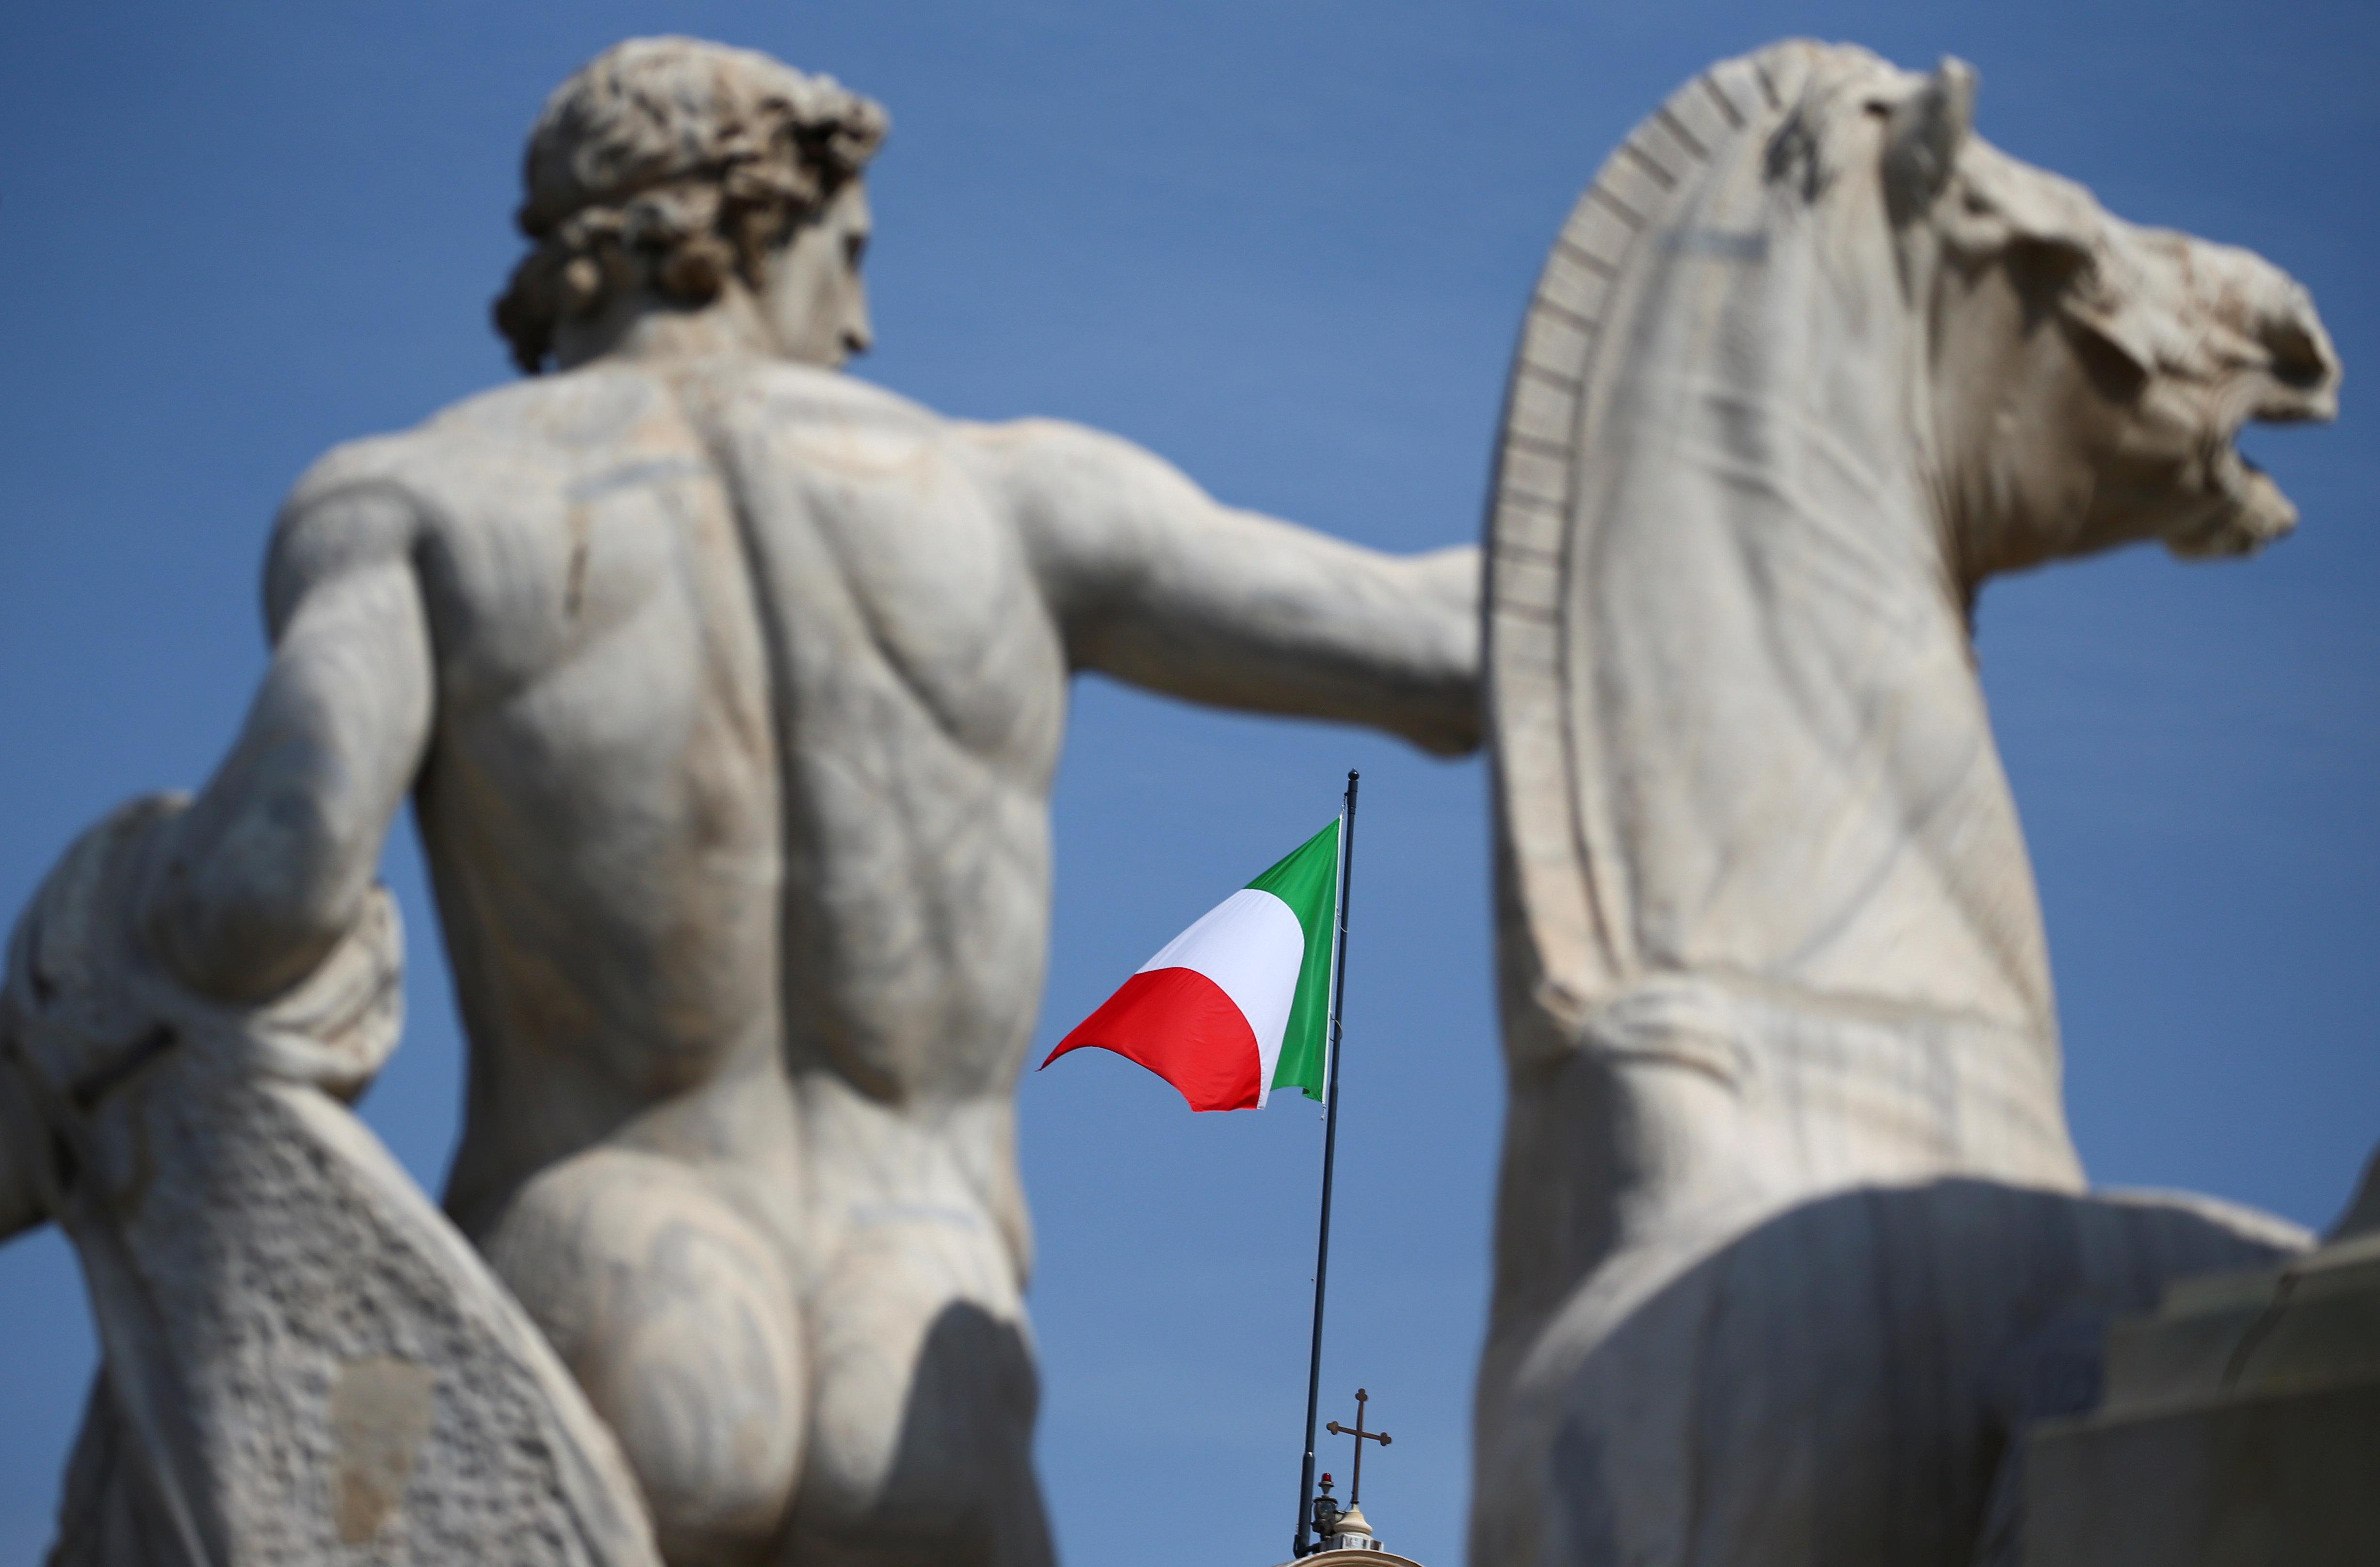 Ιταλία: Μια νέα χρηματοπιστωτική κρίση ante